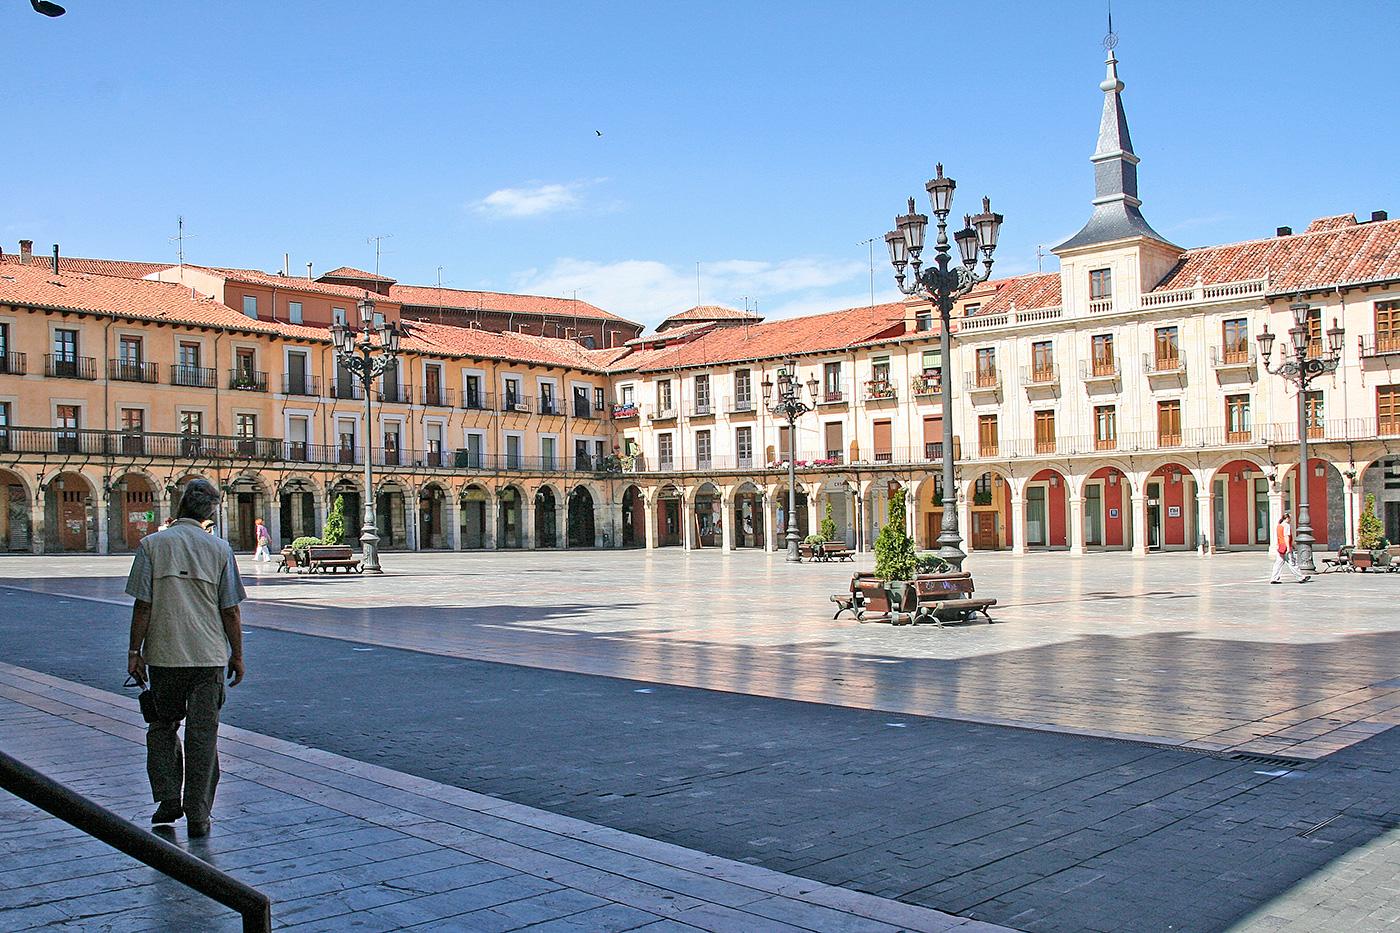 Der Plaza Mayor in León